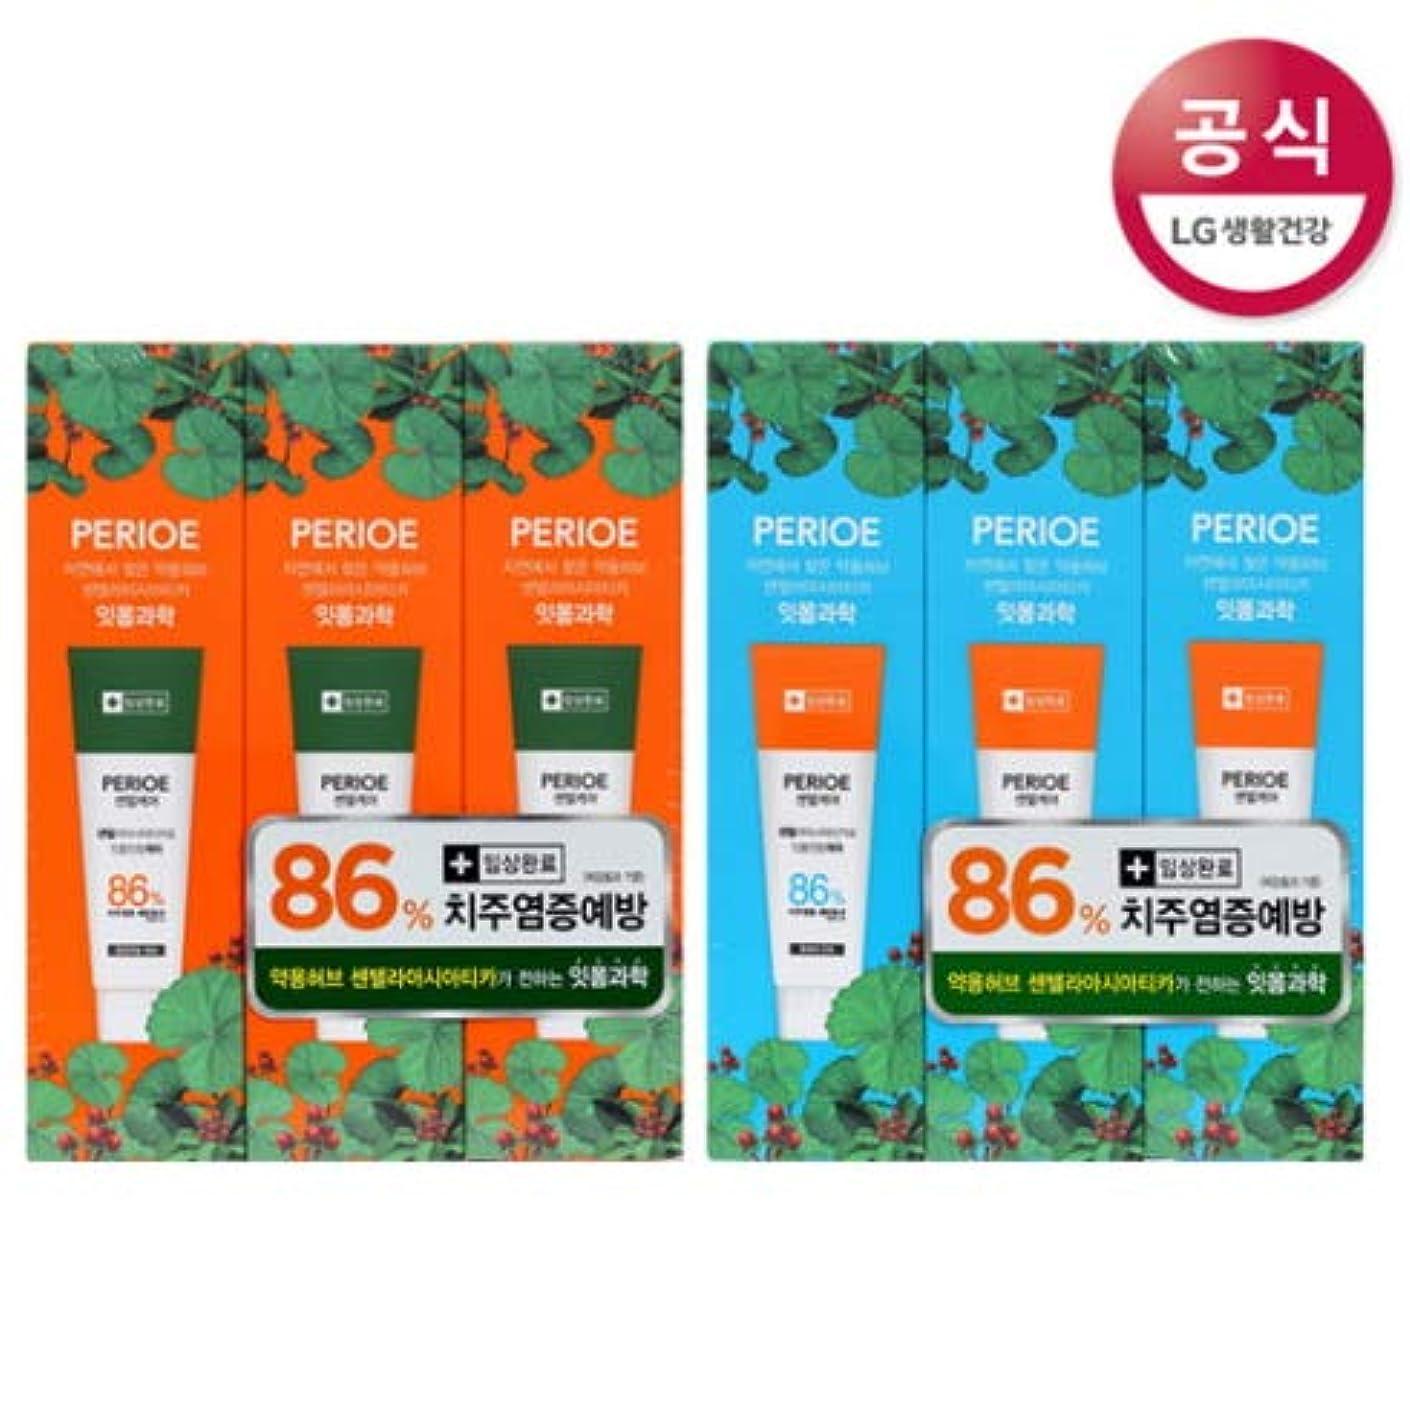 転送ミシン矛盾[LG HnB] Perio centel care toothpaste/ペリオセンテルケア歯磨き粉 100gx6個(海外直送品)